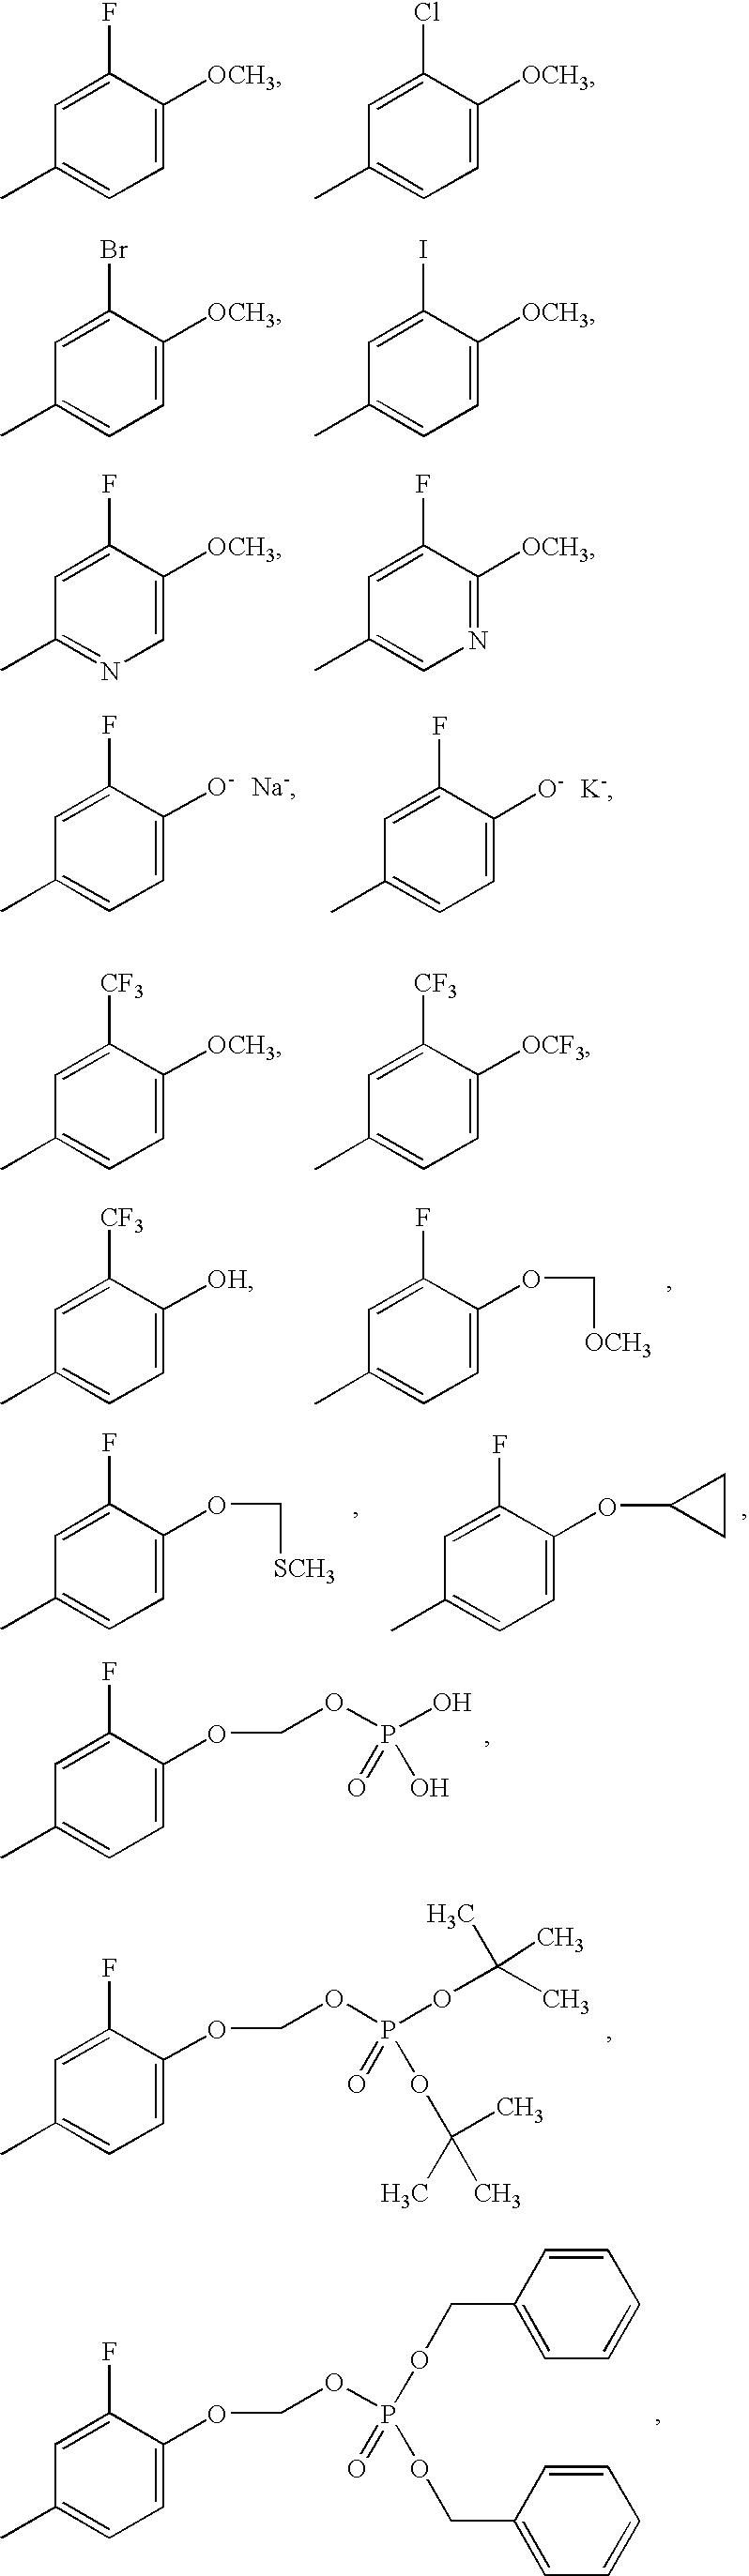 Figure US20050113341A1-20050526-C00056